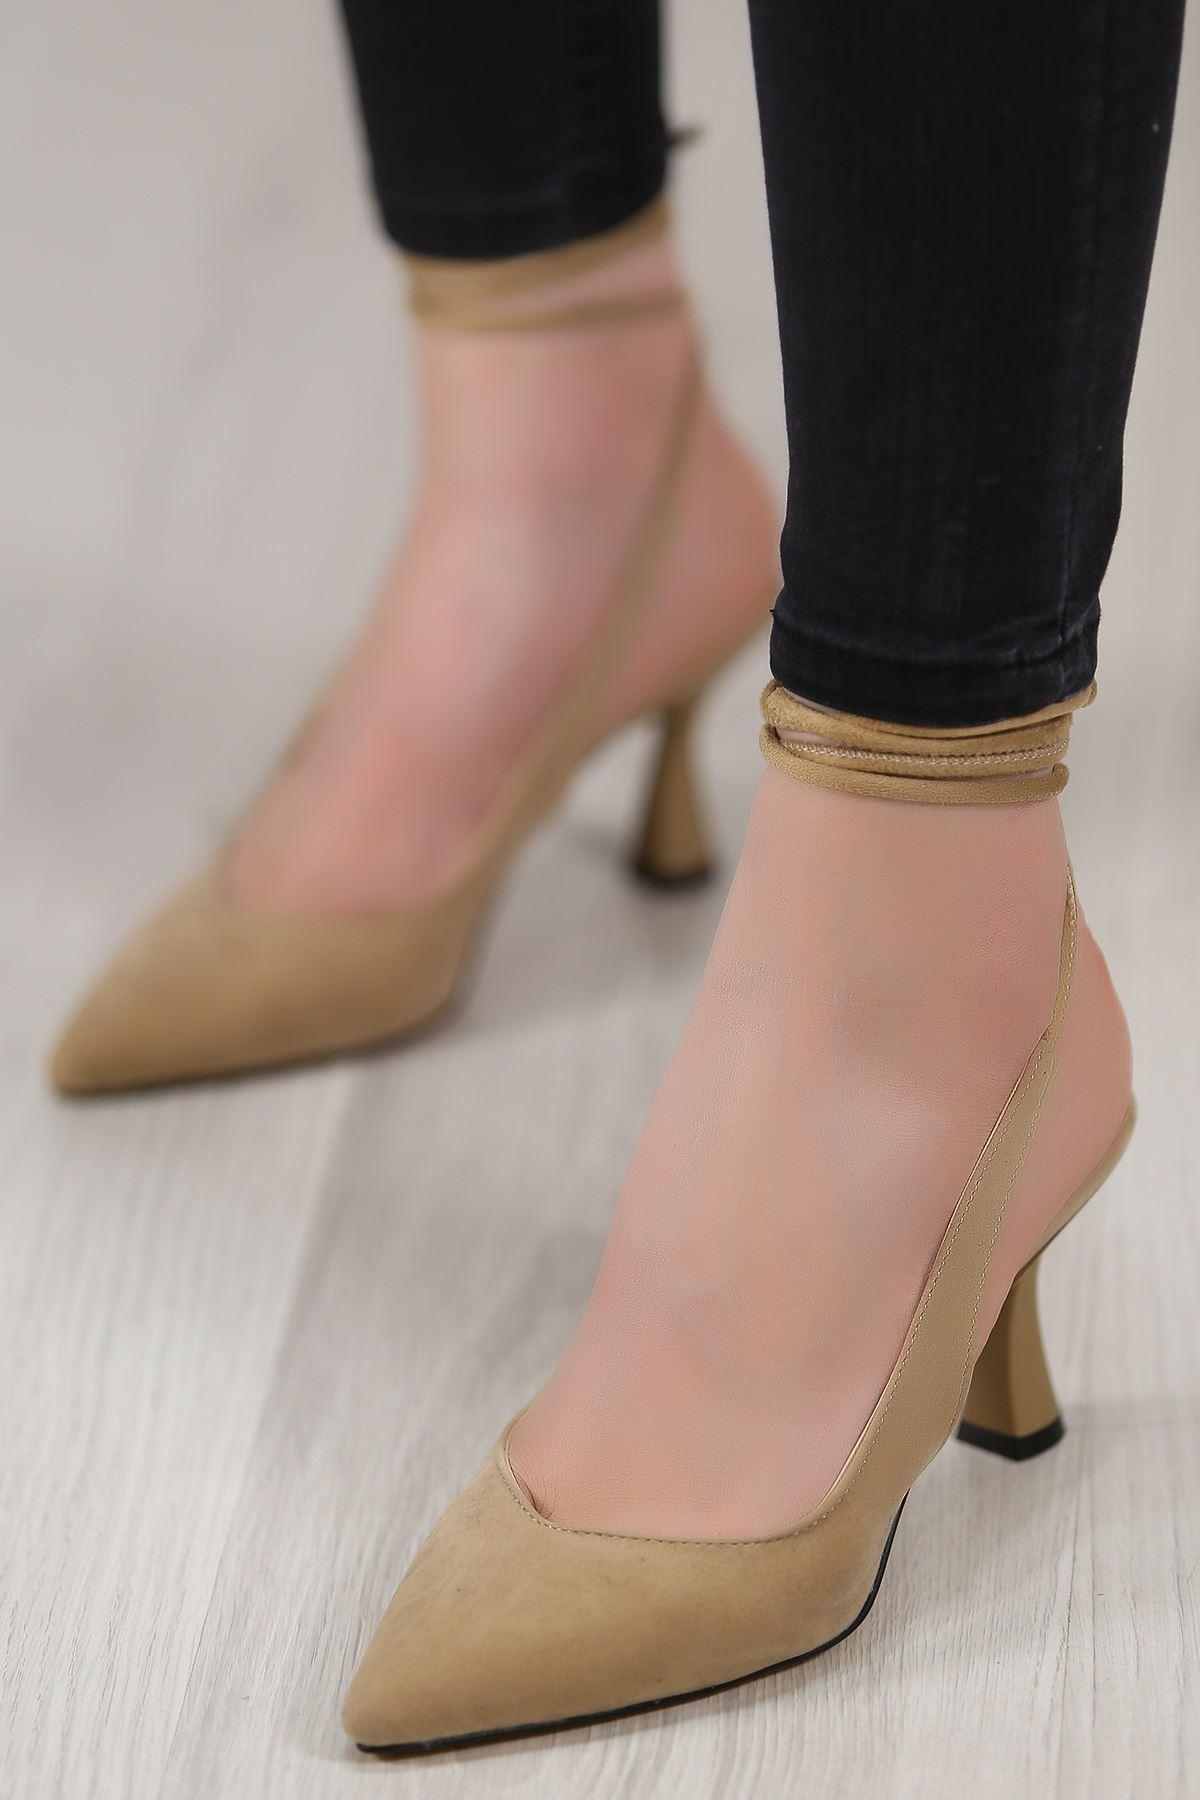 5cm Topuklu Ayakkabı Süetbej - 4867.264.